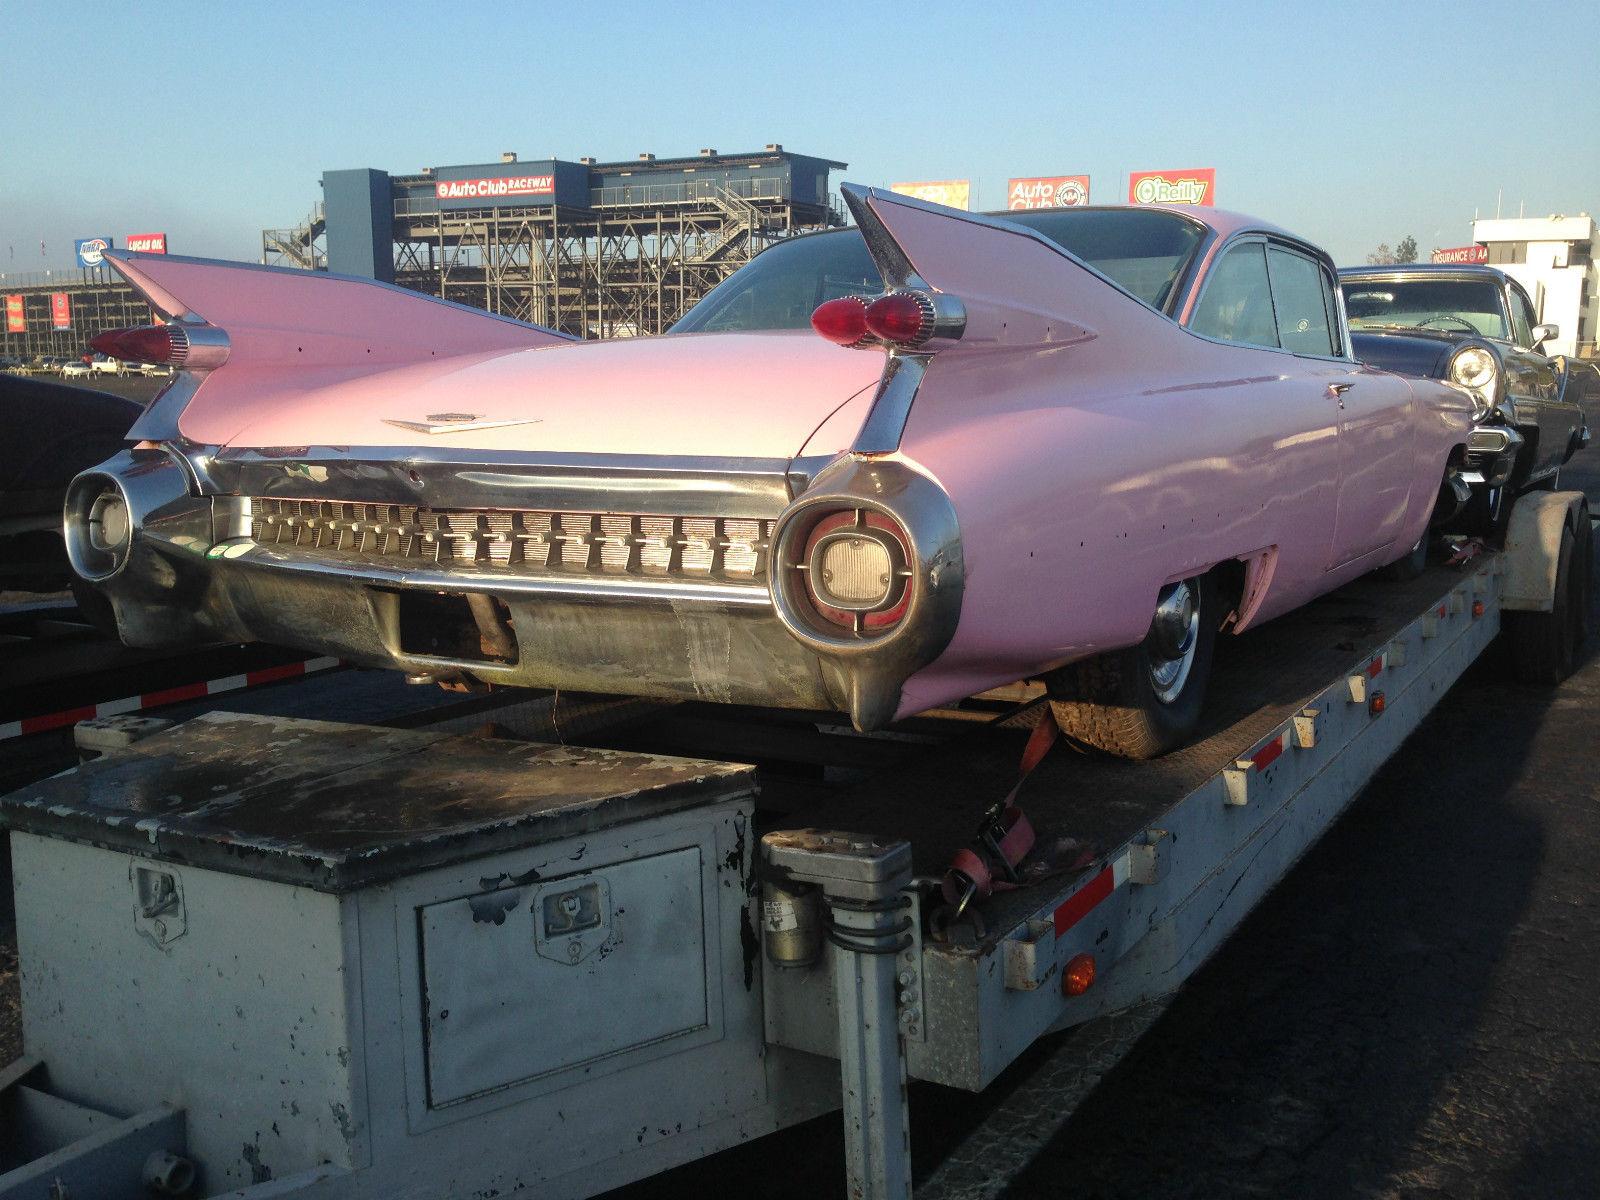 1959 Cadillac Coupe Solid Car No Eldorado Parts Yet 98 5